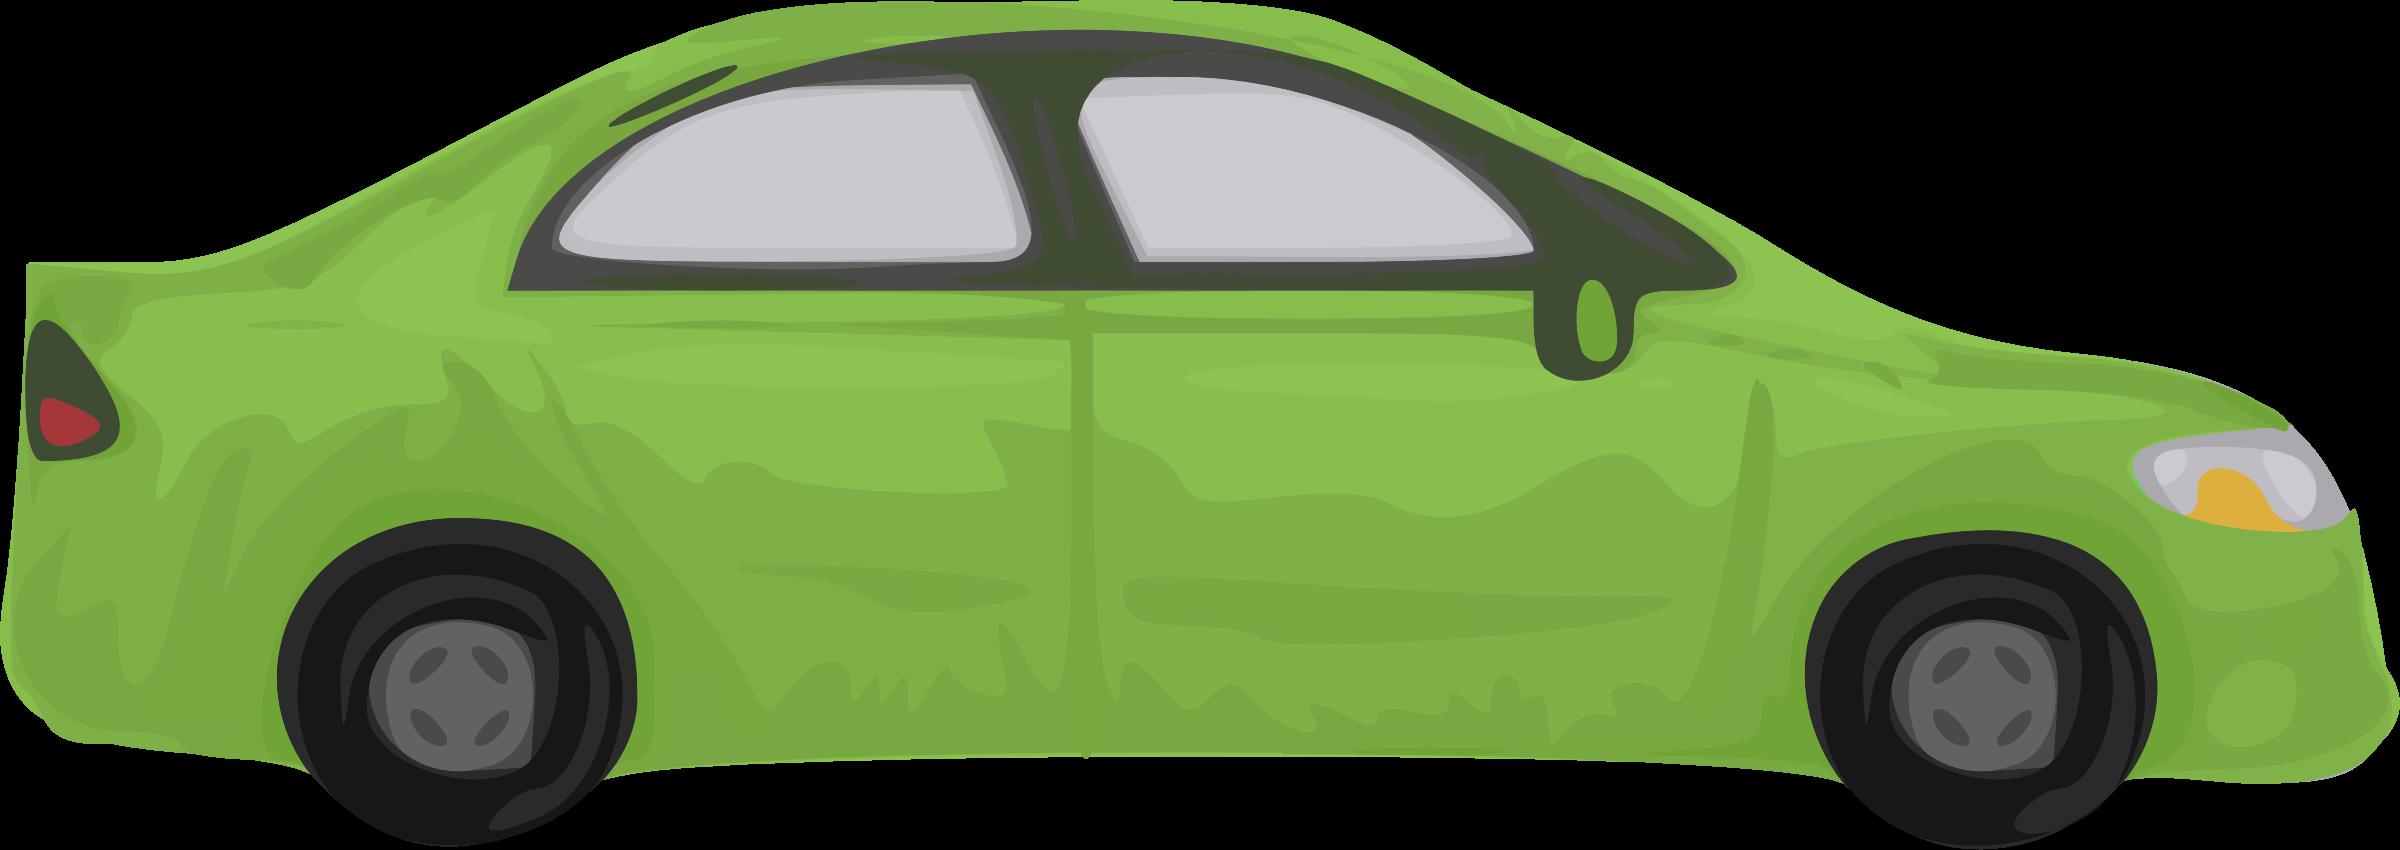 Rough big image png. Clipart car green